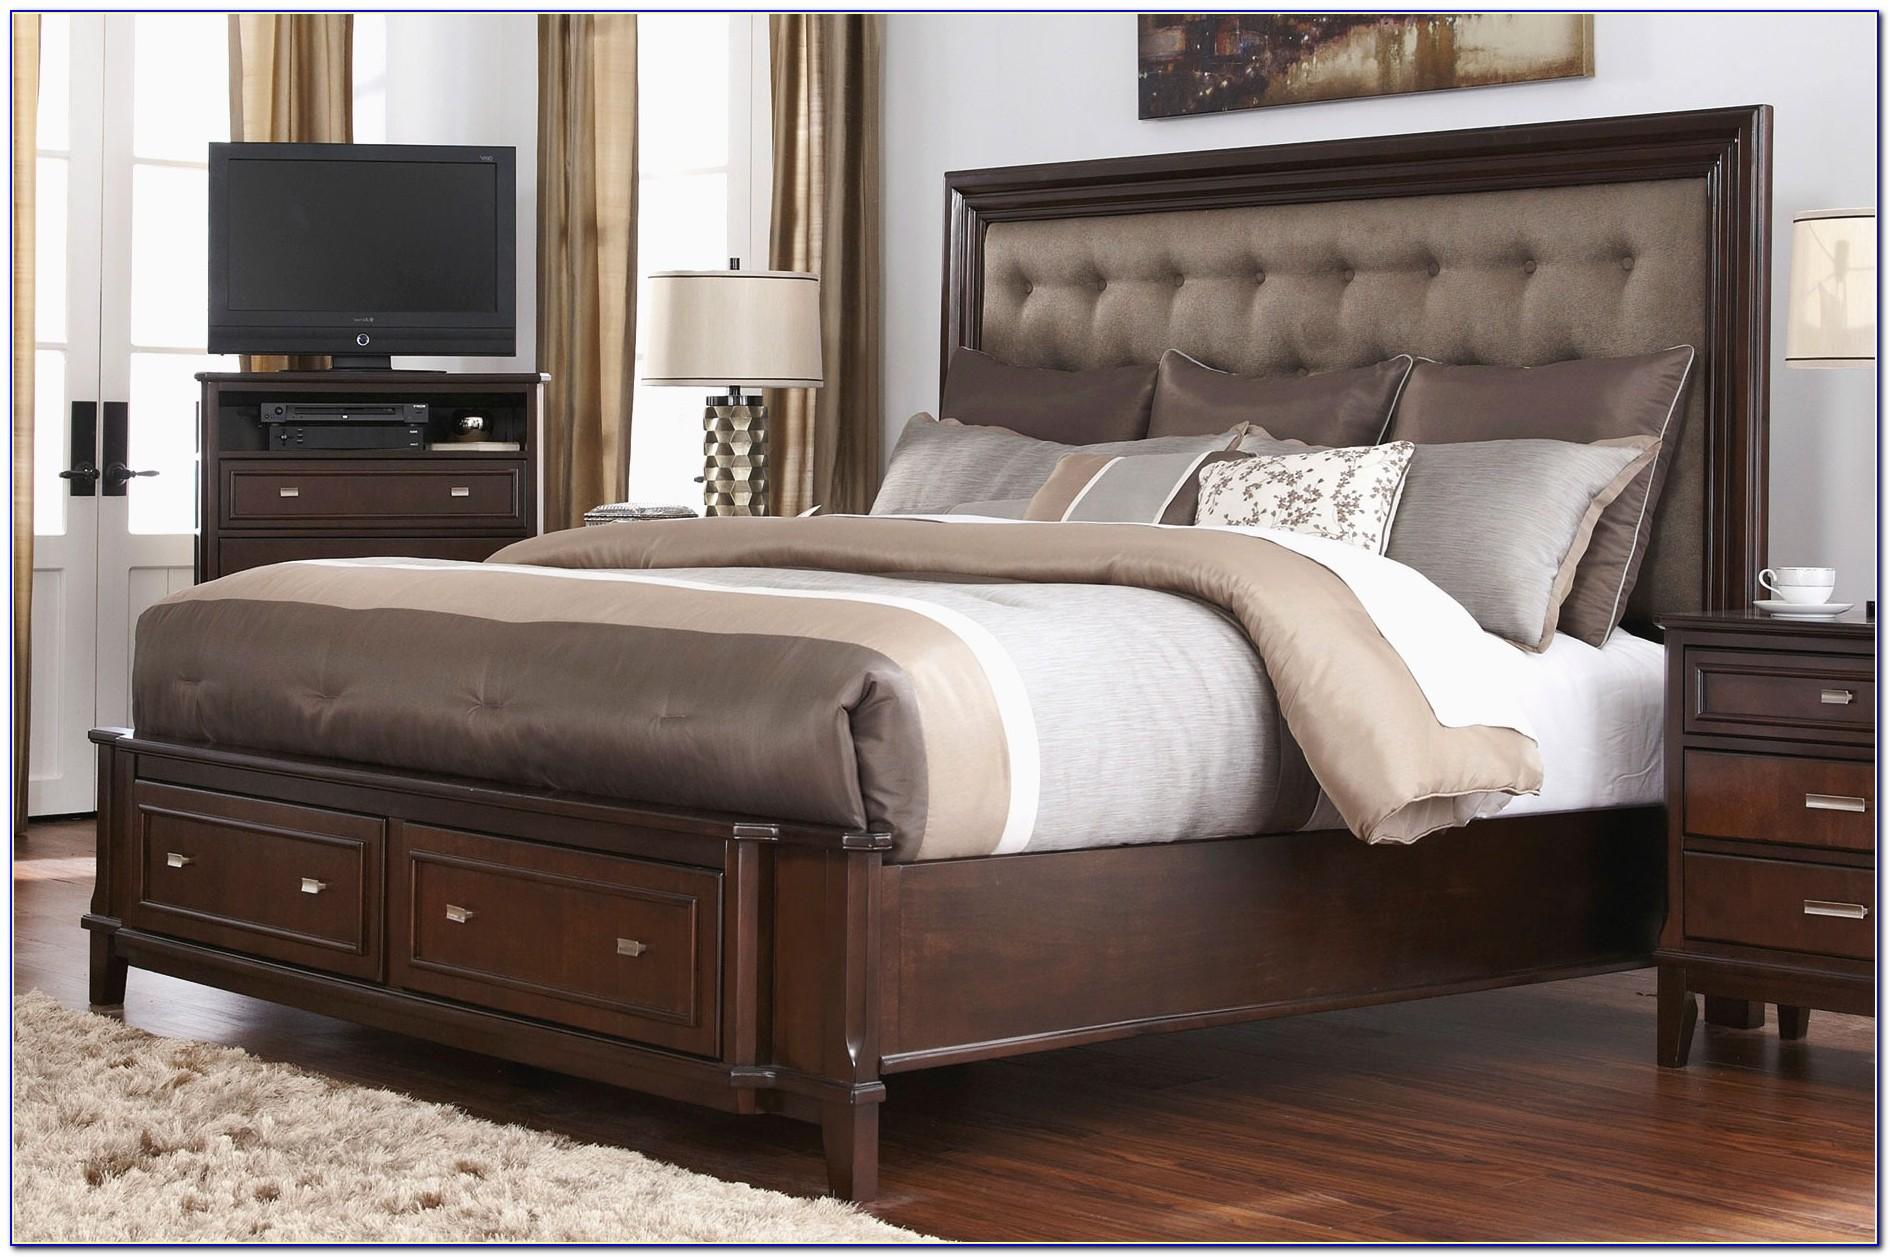 Tufted Headboard Bedroom Set Luxury Deluxe Tufted Headboard Furnitures For Bedroom Designs Jangbiro